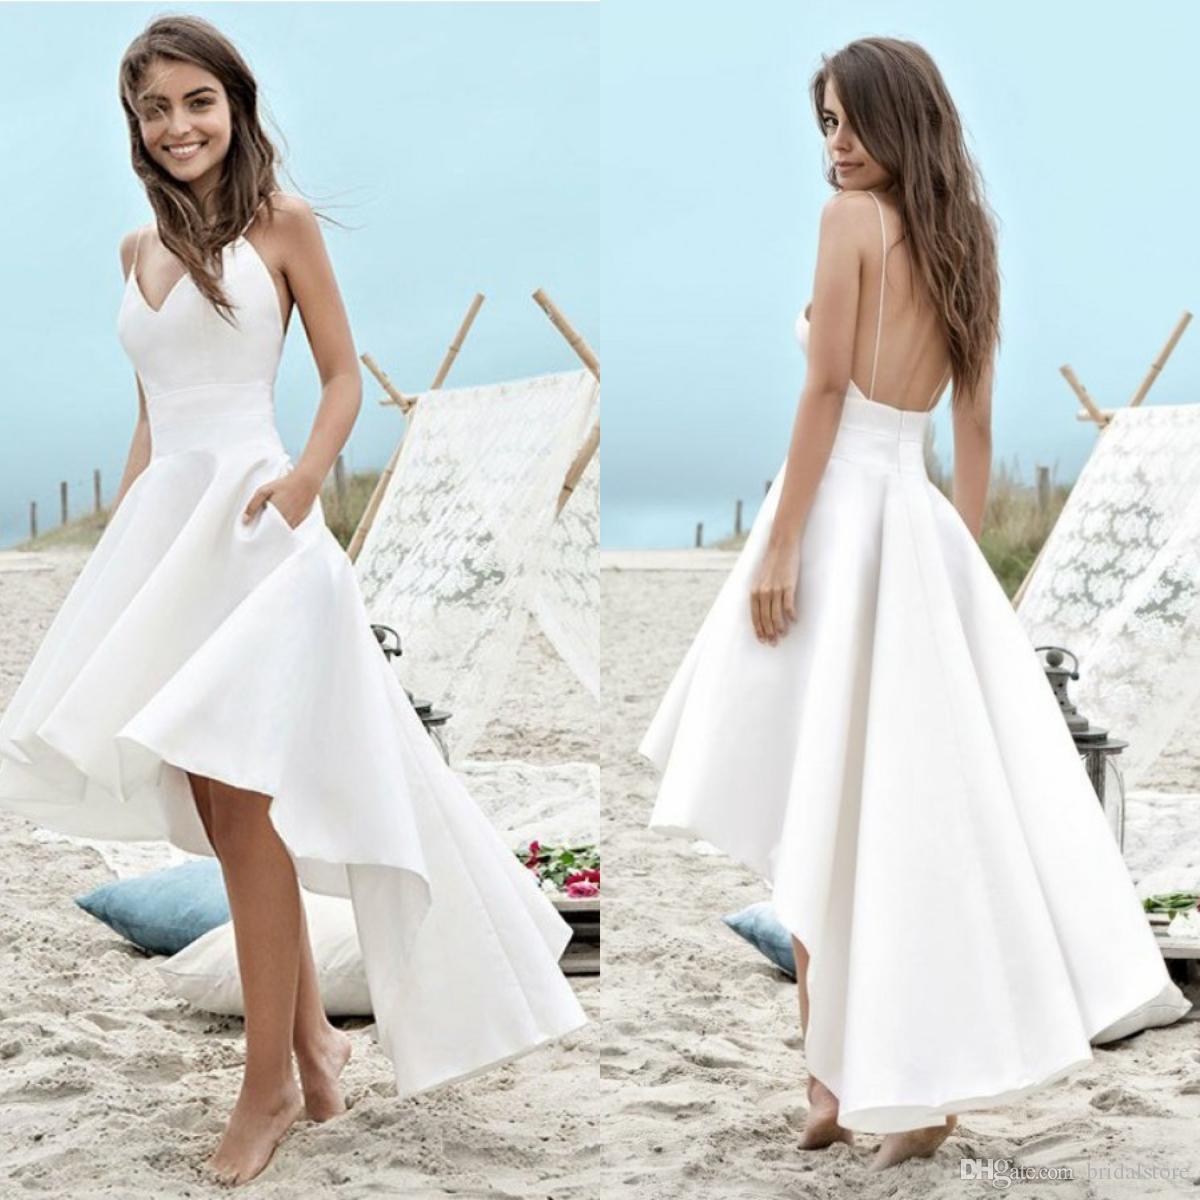 36e95cb46 Vestido De Noiva Em Cetim Barato Branco Praia Vestidos De Casamento Aline  Frente Curto Longo Voltar Tornozelo Comprimento De Cetim Do Vintage Boho  Vestidos ...